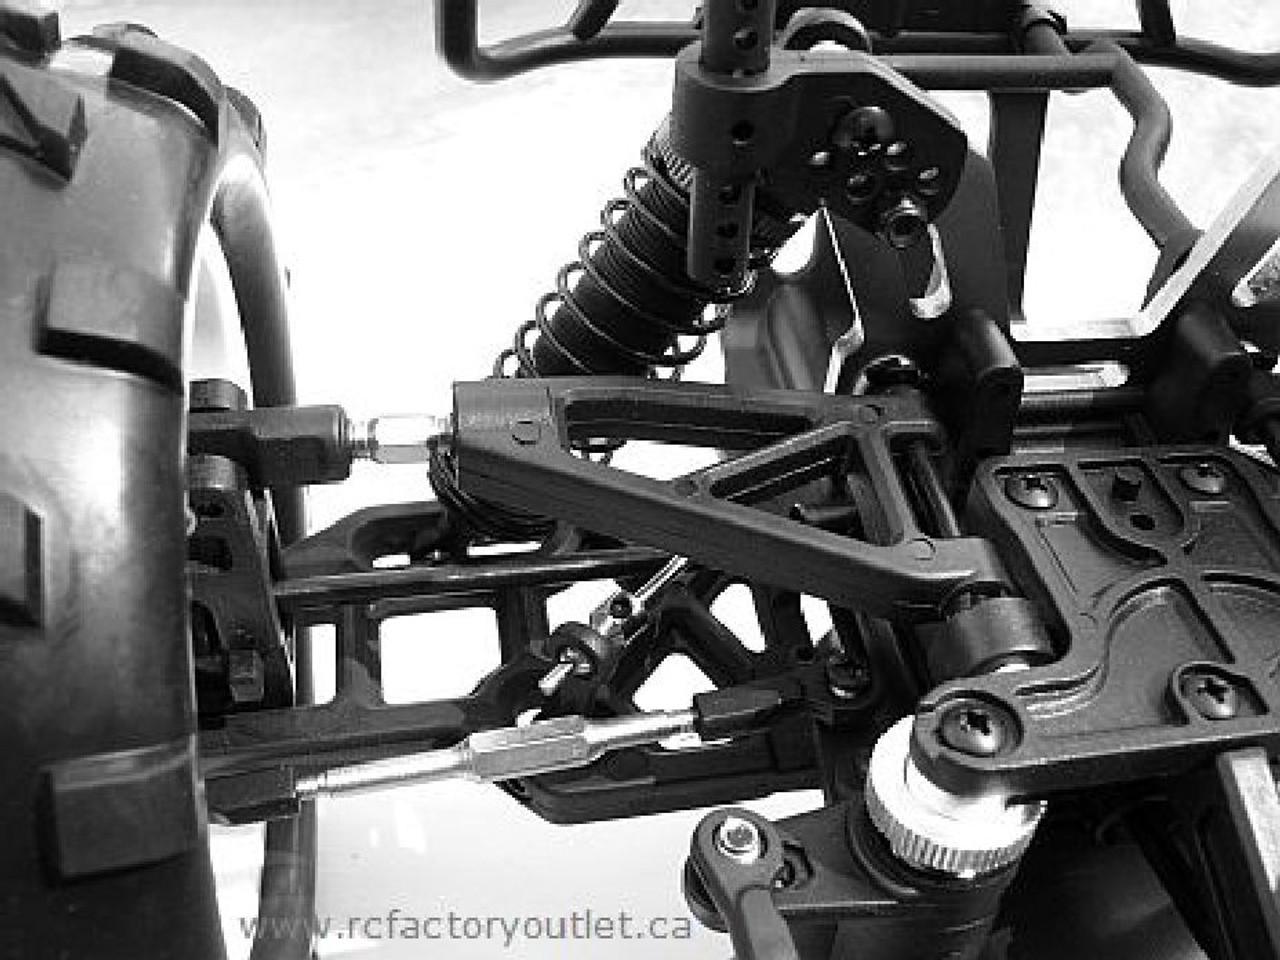 Nitro RC Truck 1/8 Scale   Nokier 4.57cc Engine  4WD 2 Speed  2.4G 86291